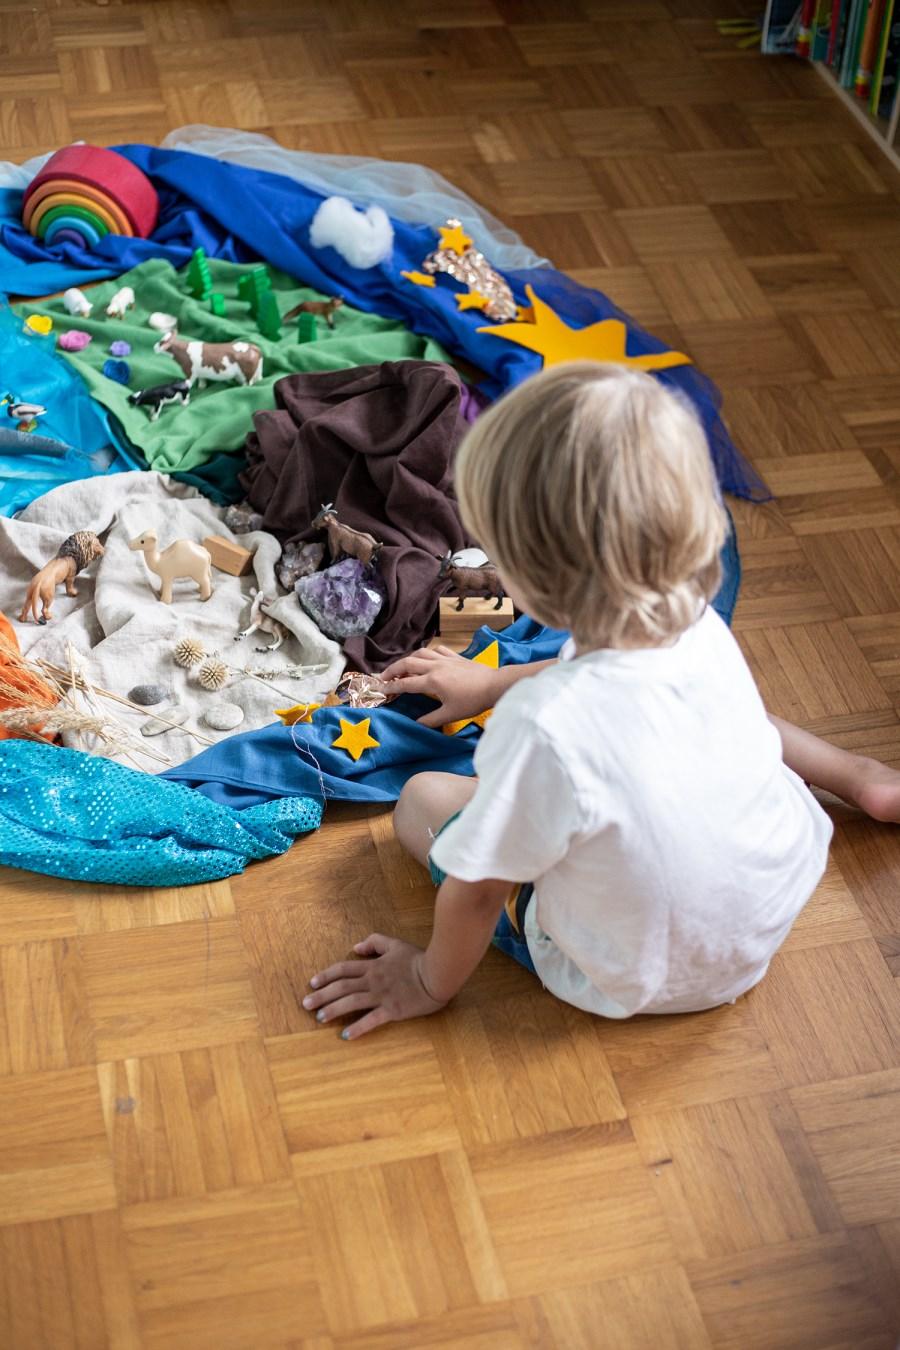 Kind im Kita-Alter spielt mit Bodenbild zum Thema Schöpfung